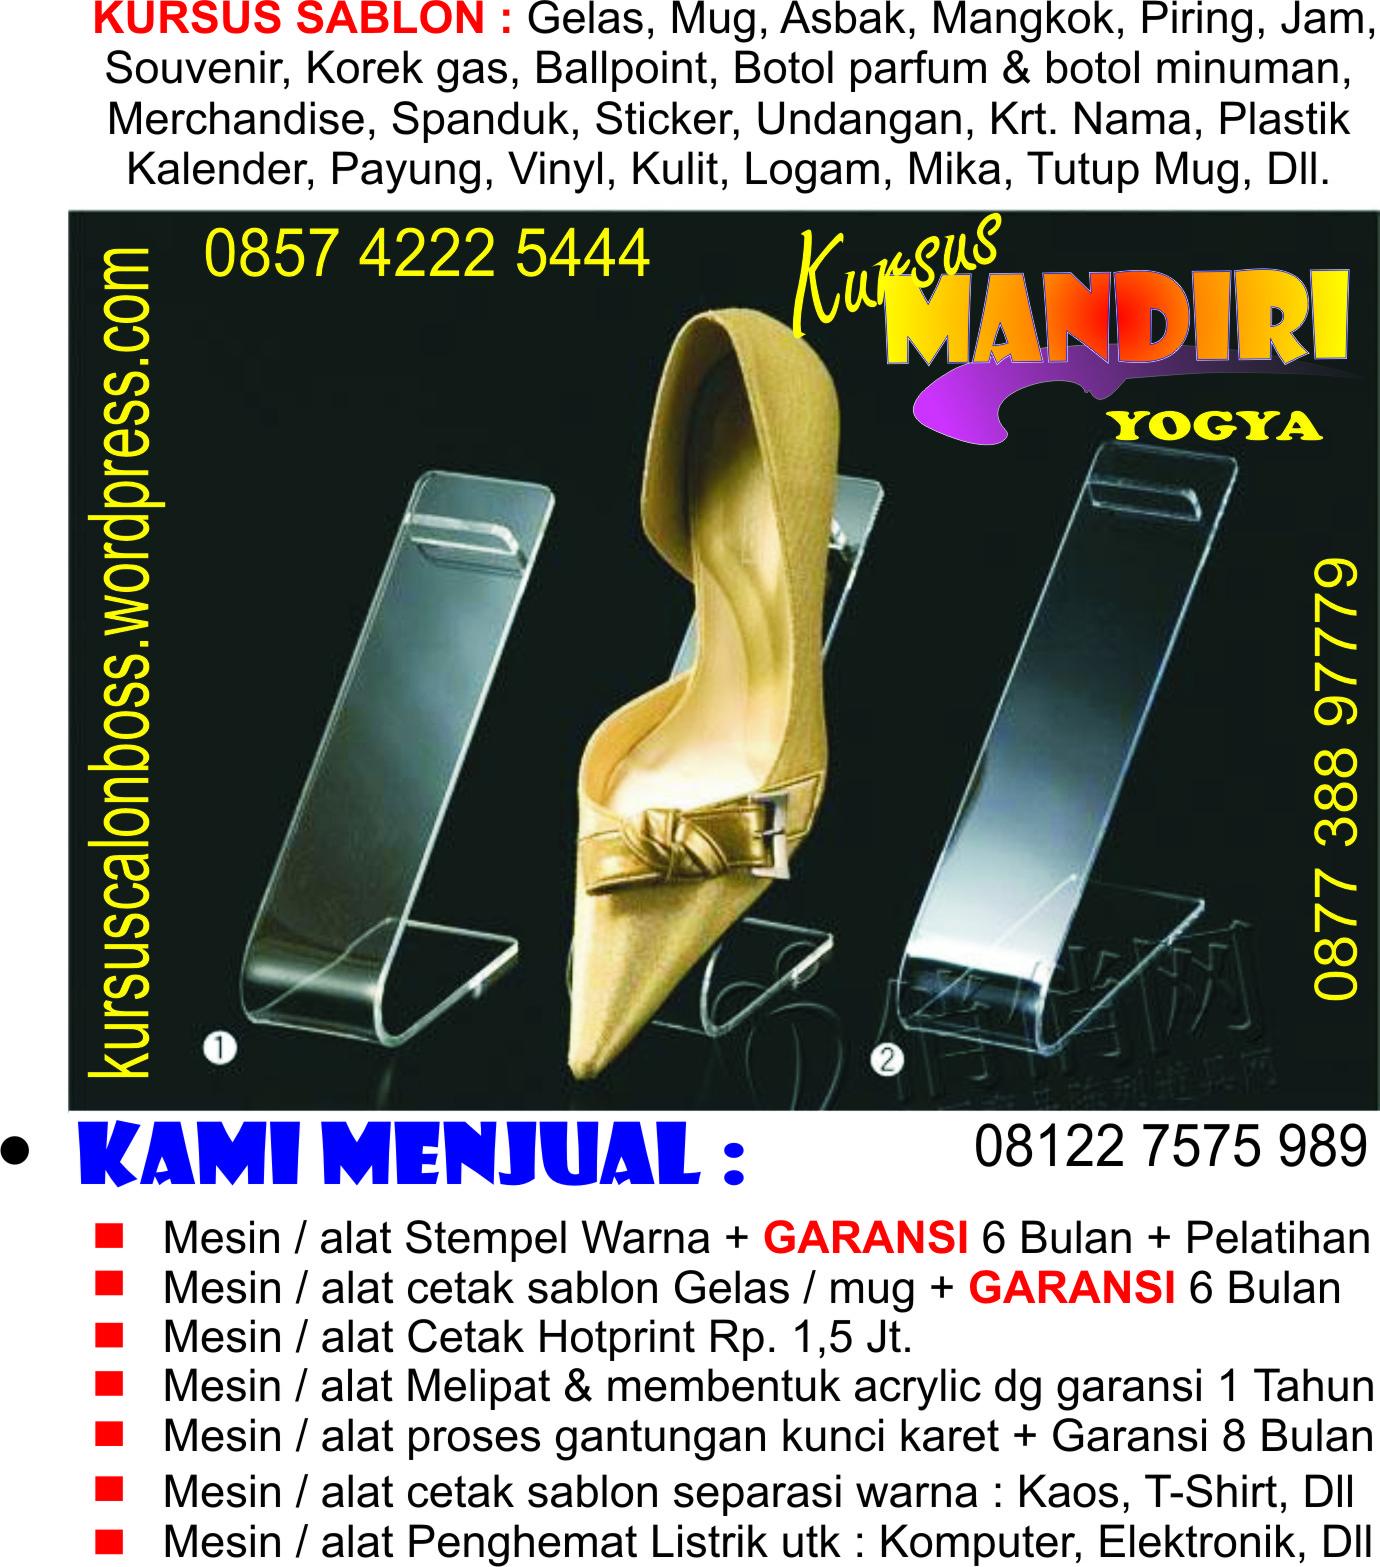 Lowongan Pekerjaan Hotel Di Sukabumi 2013 Lowongan Kerja Informasi Lowongan Kerja Terbaru Piring Dll Graphic Design Screen Printing Cetak Sablon Di